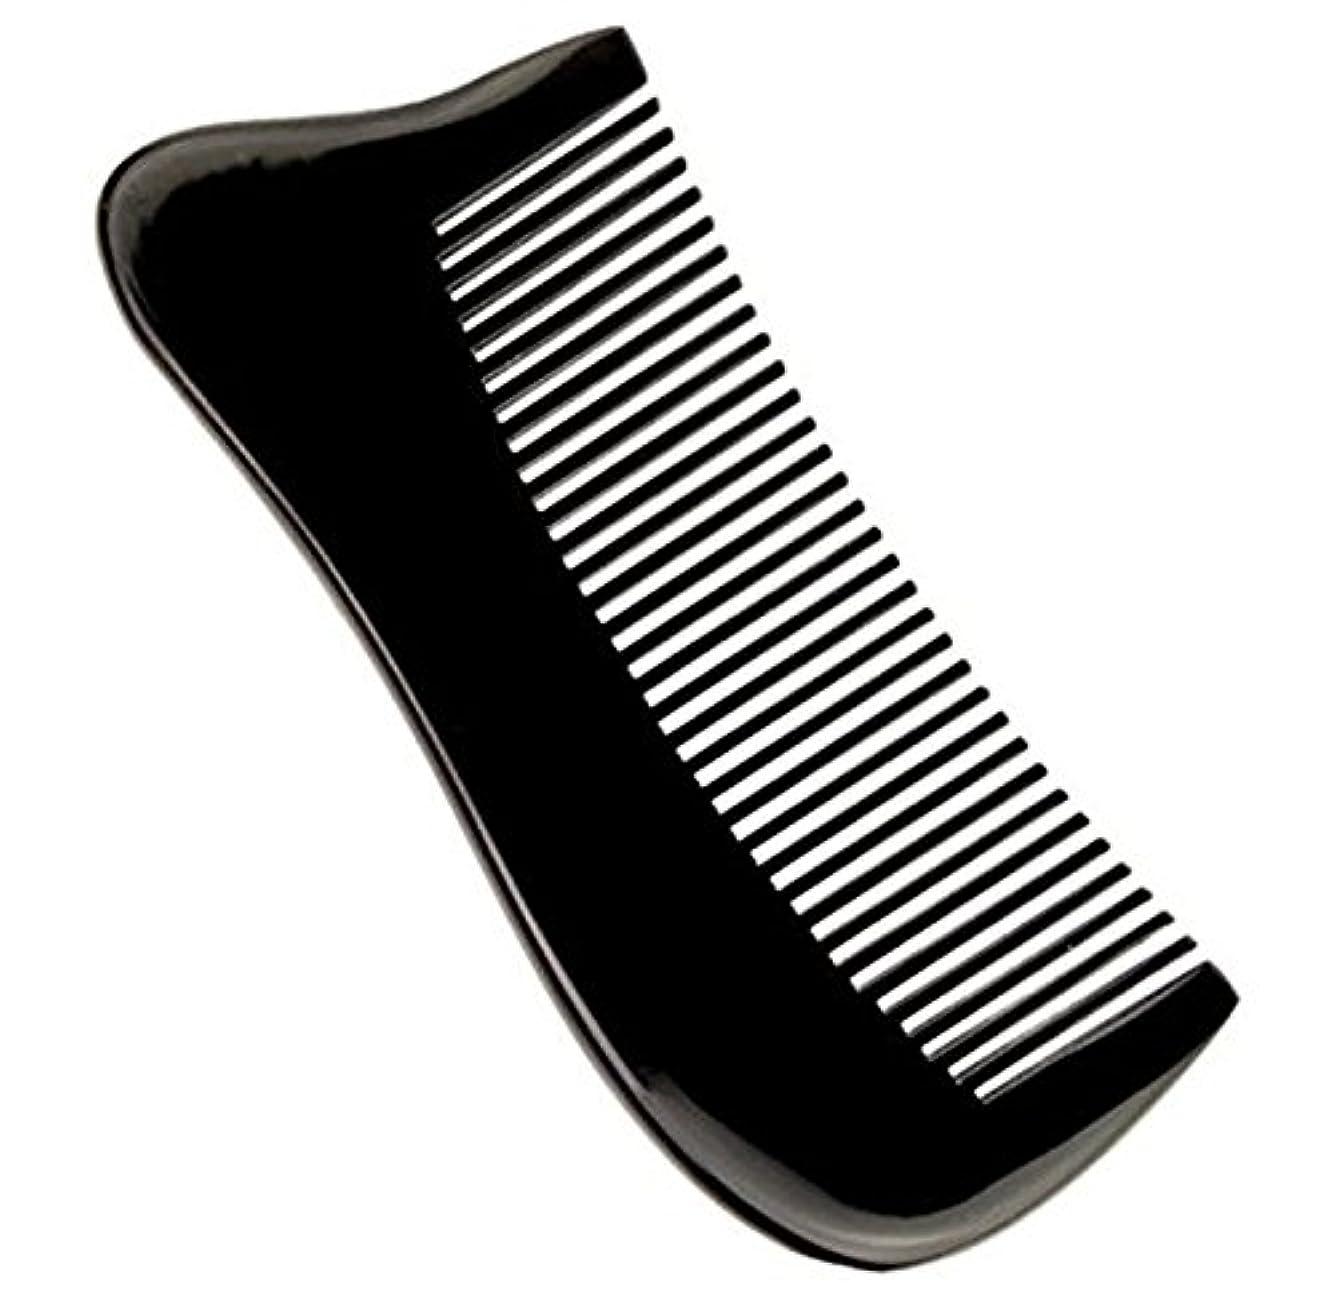 ダーリンくちばしダンス櫛型 プロも使う牛角かっさプレート マサージ用 血行改善 高級 天然 静電気防止 美髪 美顔 ボディ リンパマッサージ